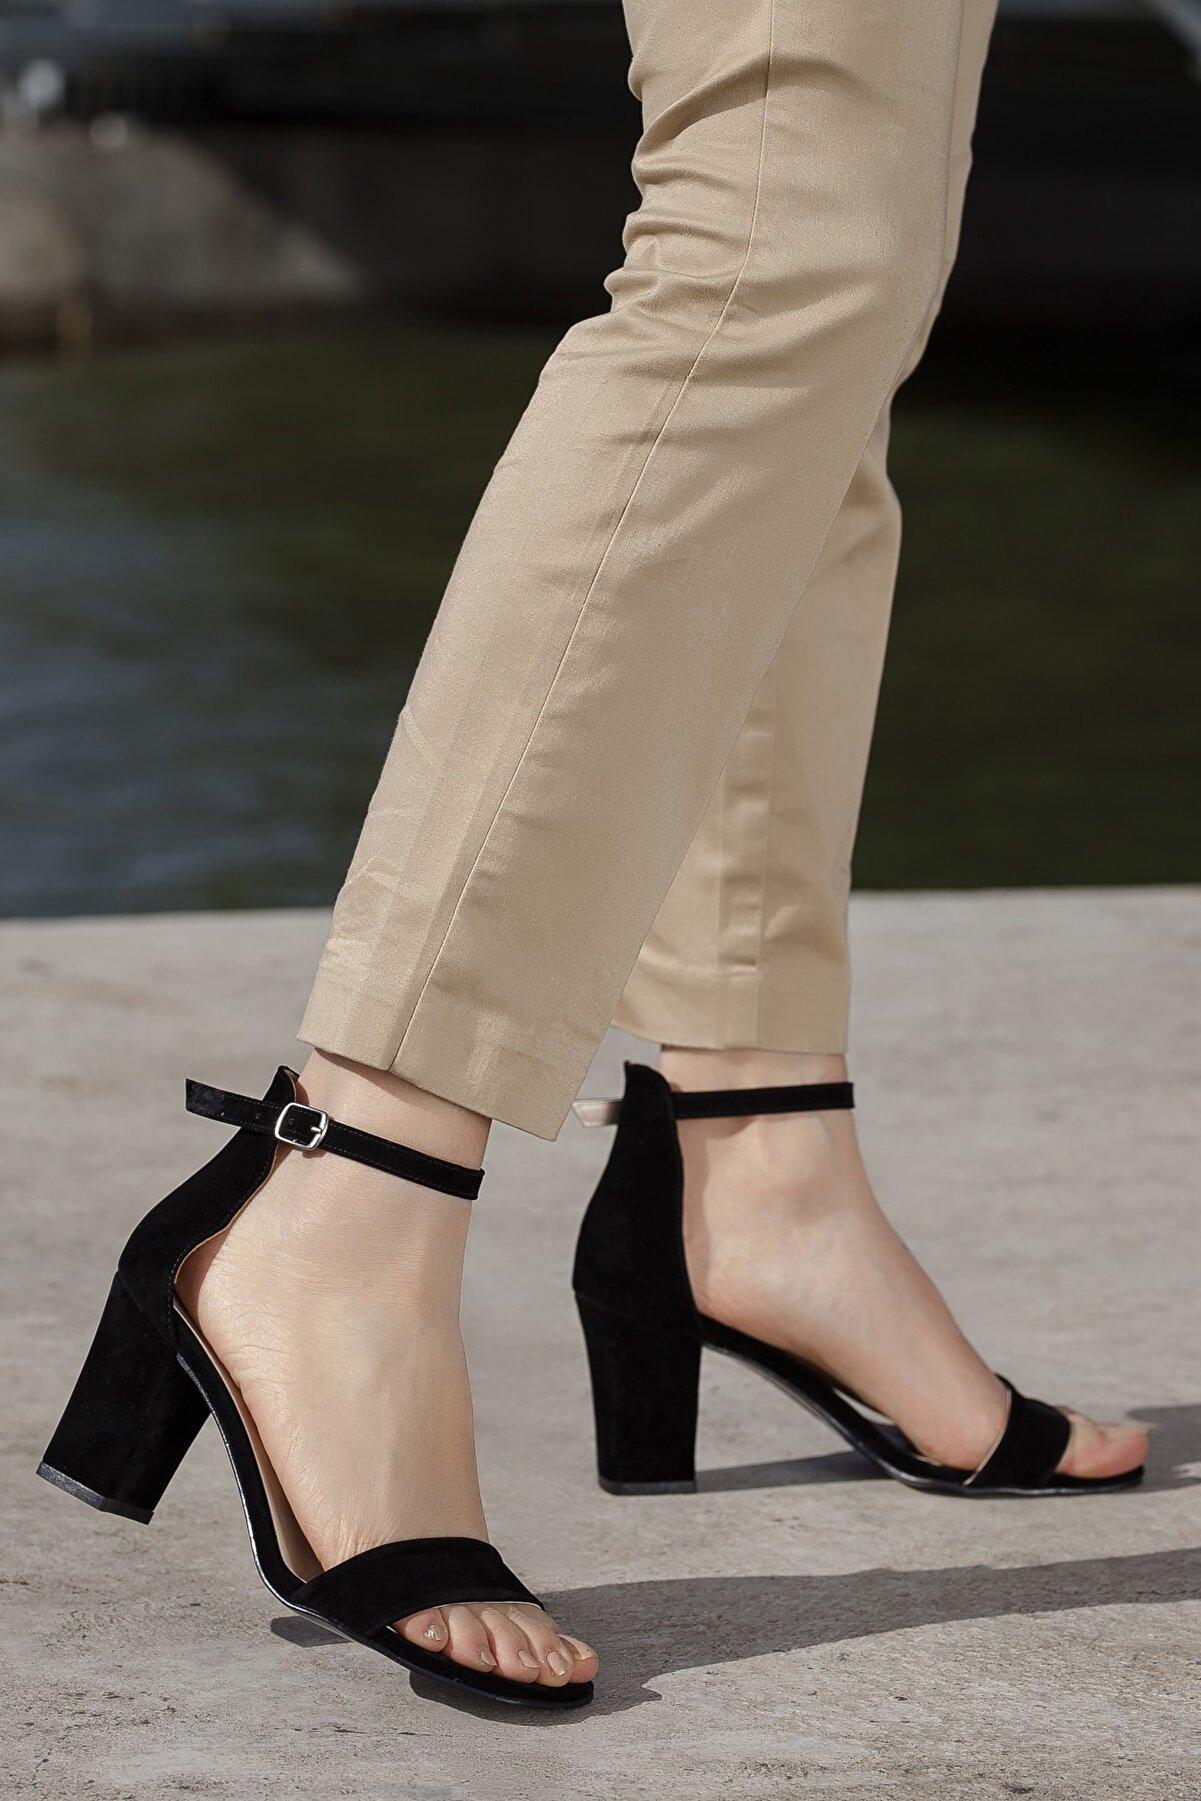 Daxtors Siyah-Süet Kadın Ayakkabı DXSAYSYKSEK007